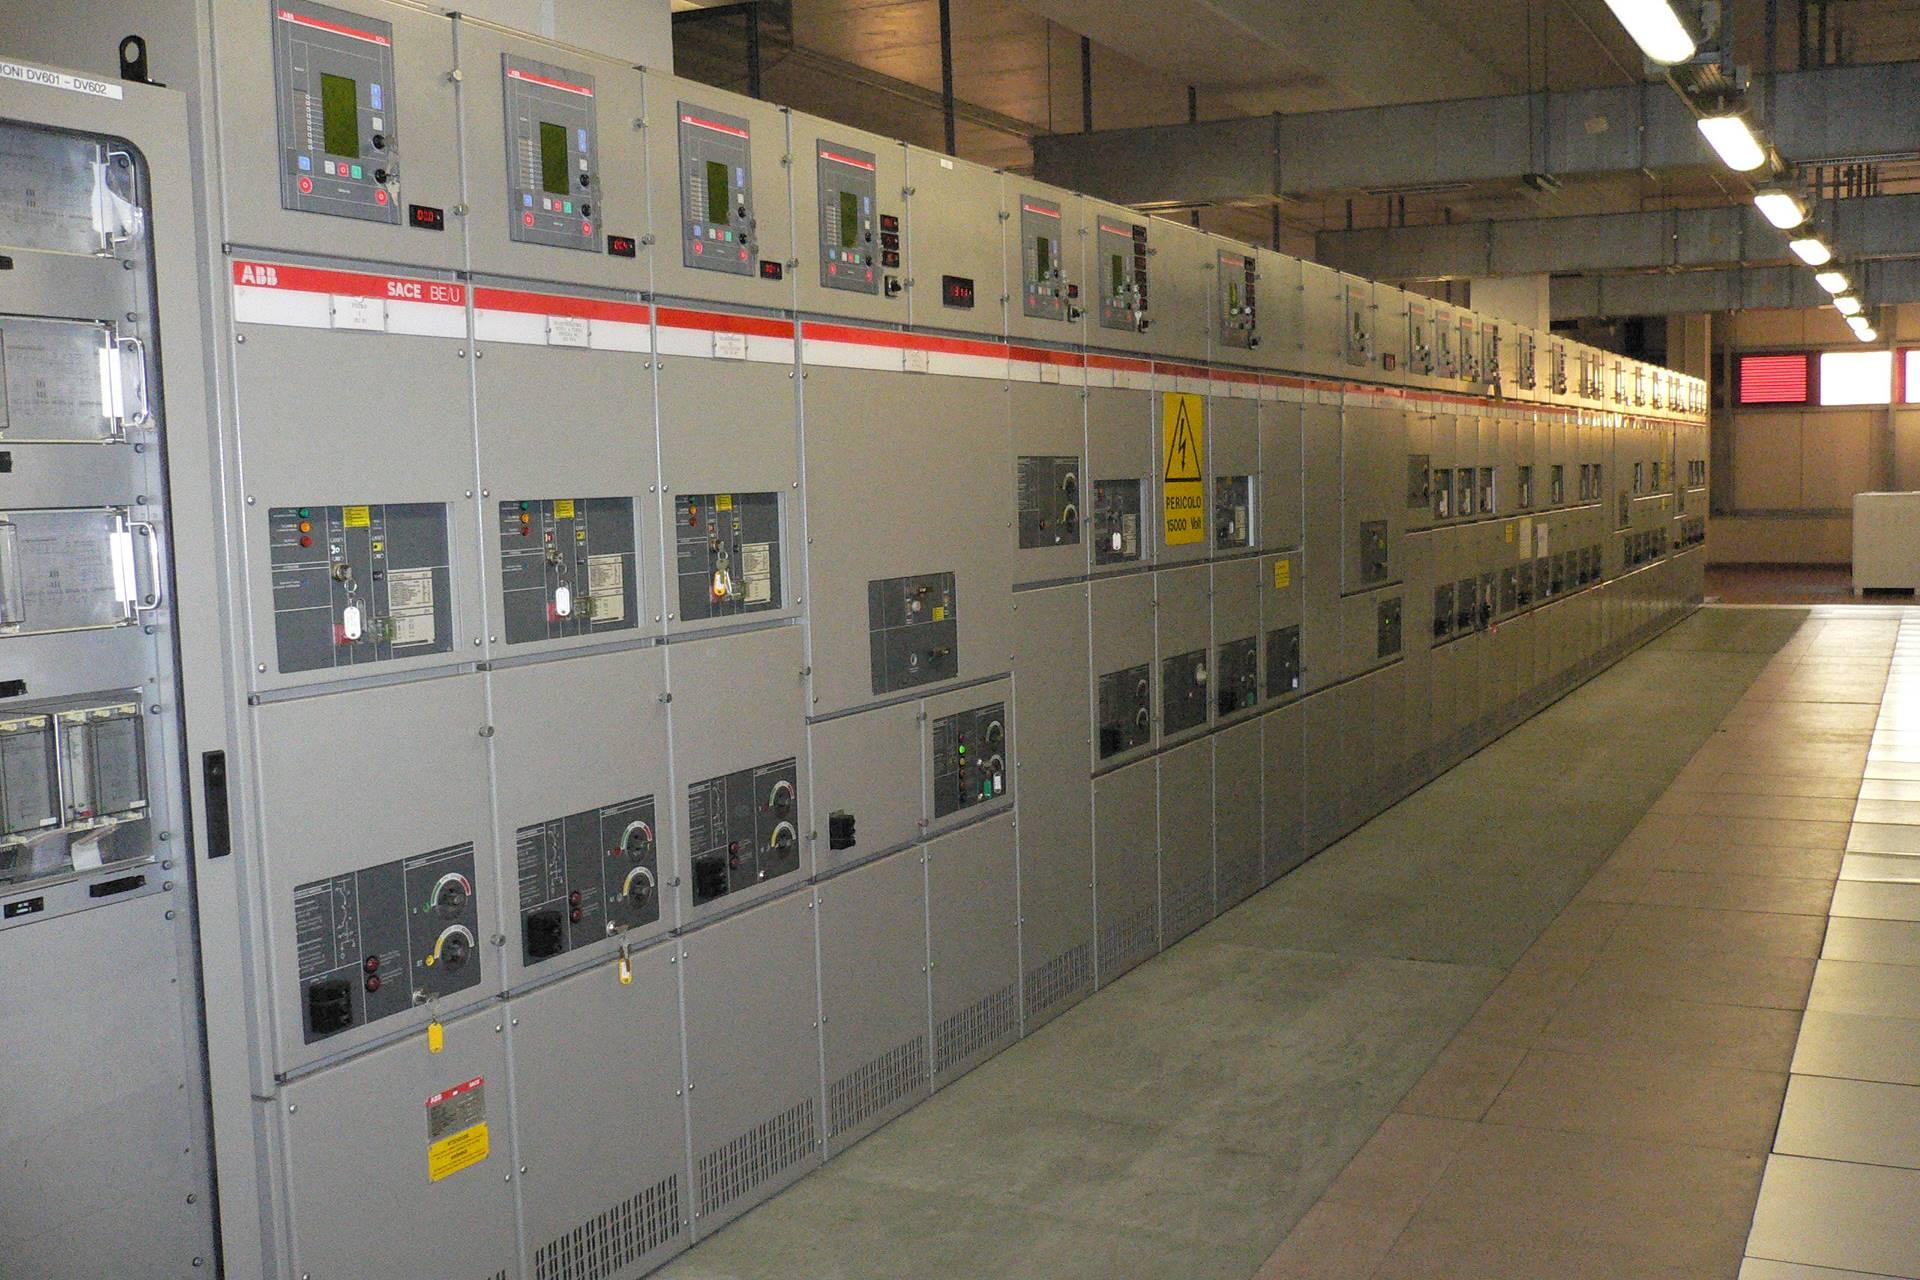 apparecchiature-elettriche